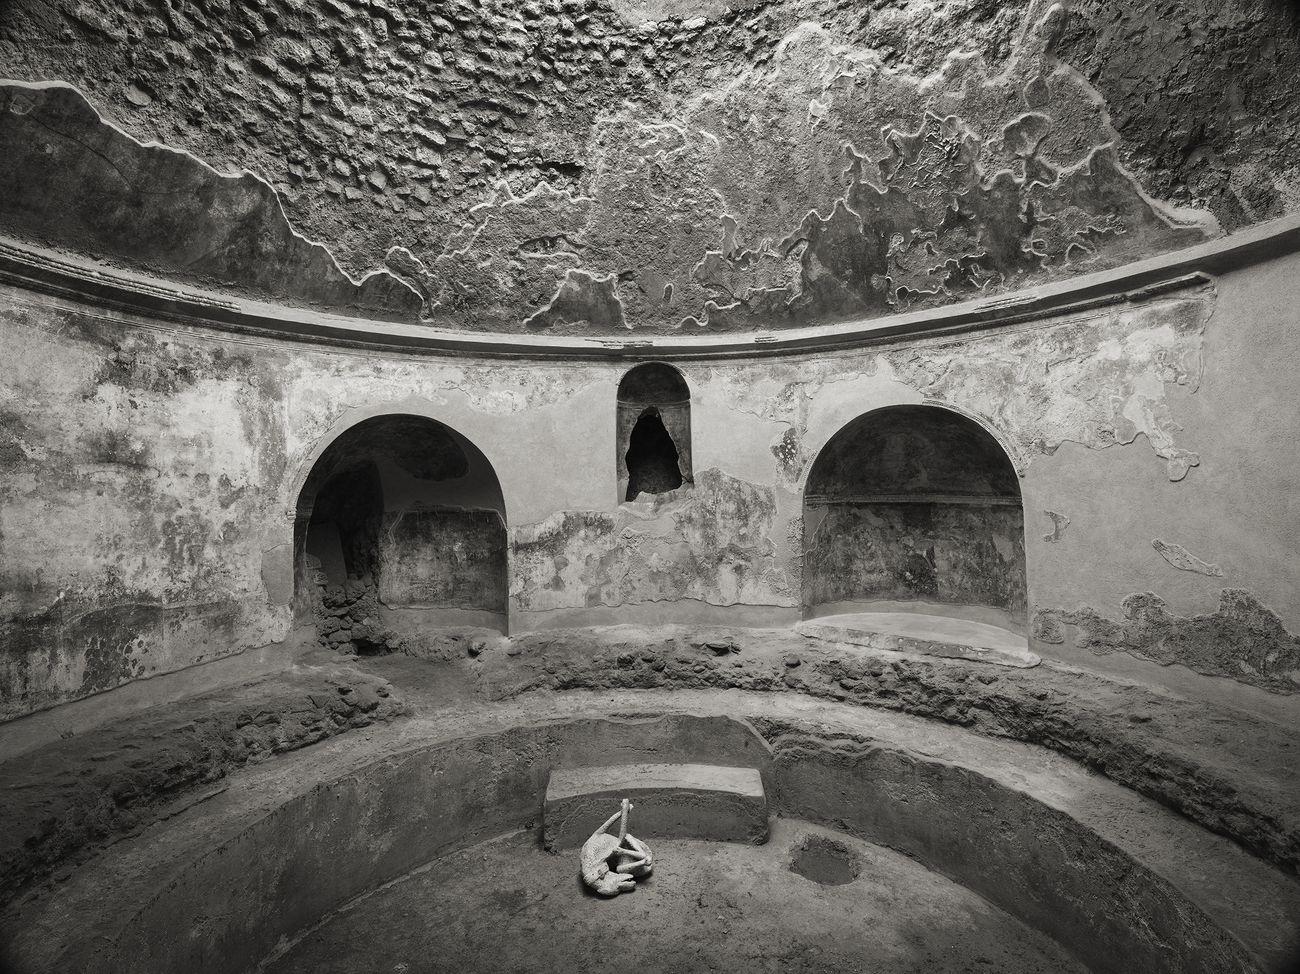 Kenro Izu, Terme Stabiane, Pompei, 2016. Courtesy Fondazione Modena Arti Visive